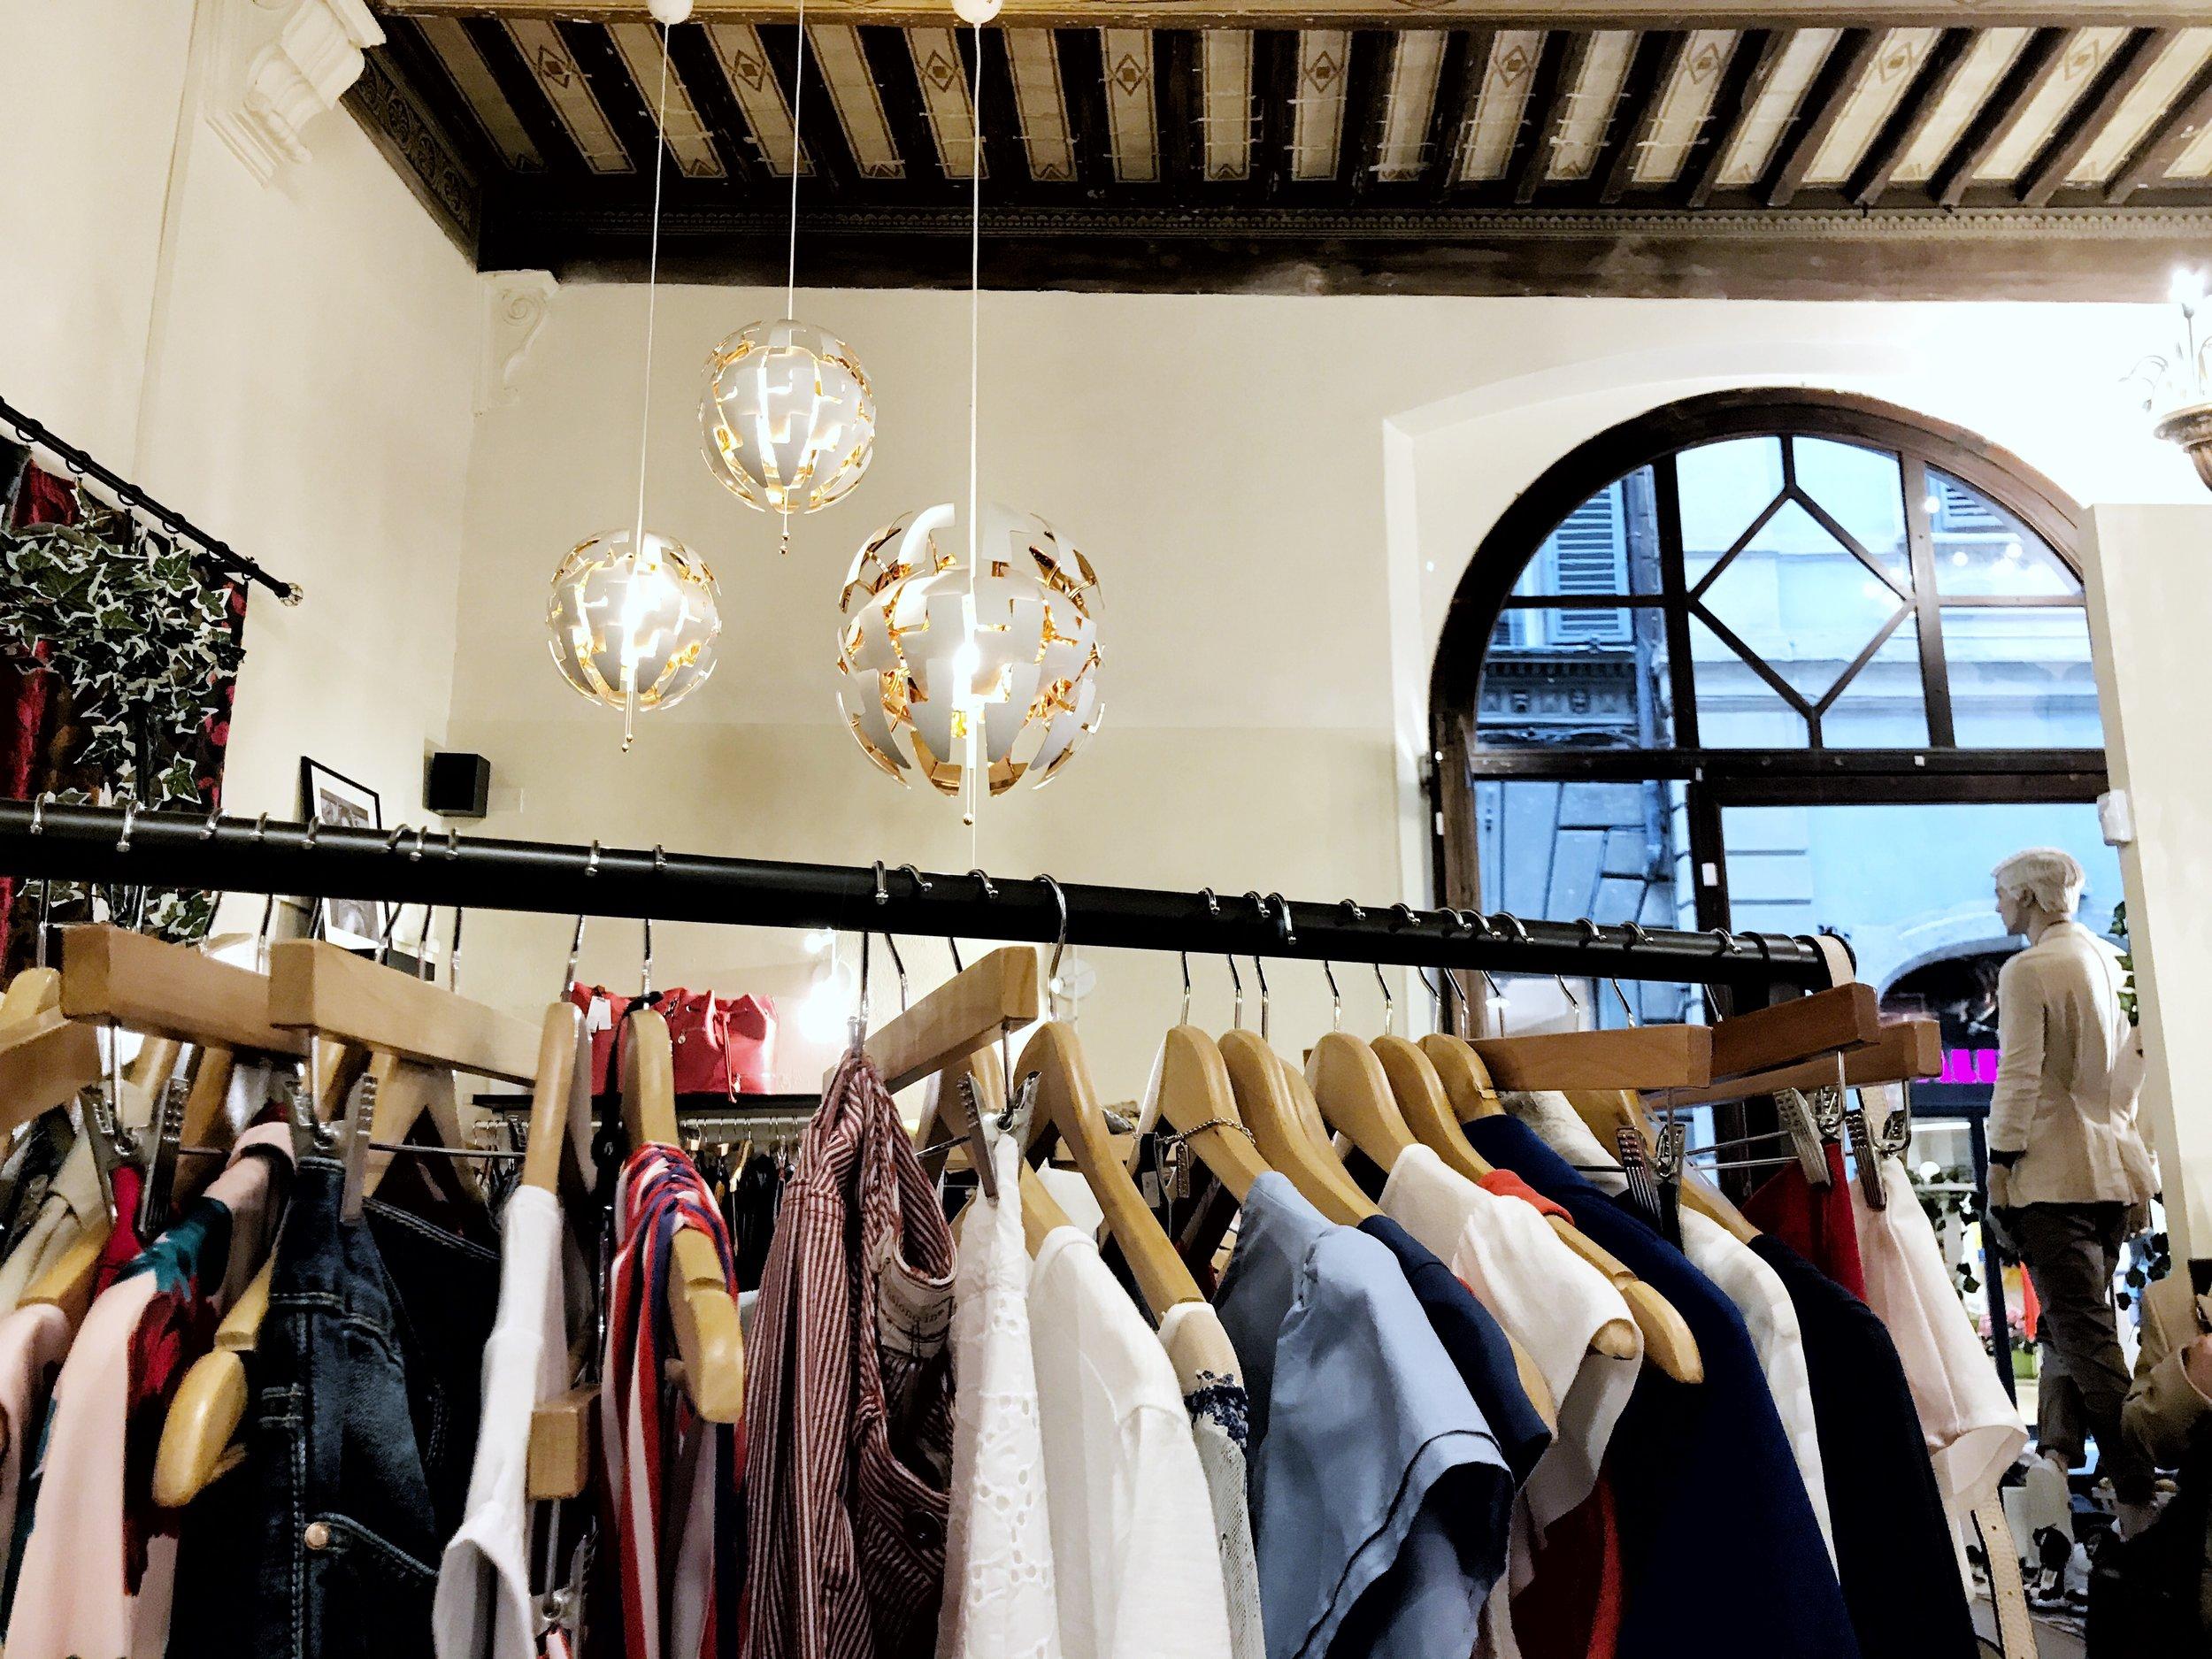 Shopping in Siena at Gia Cri